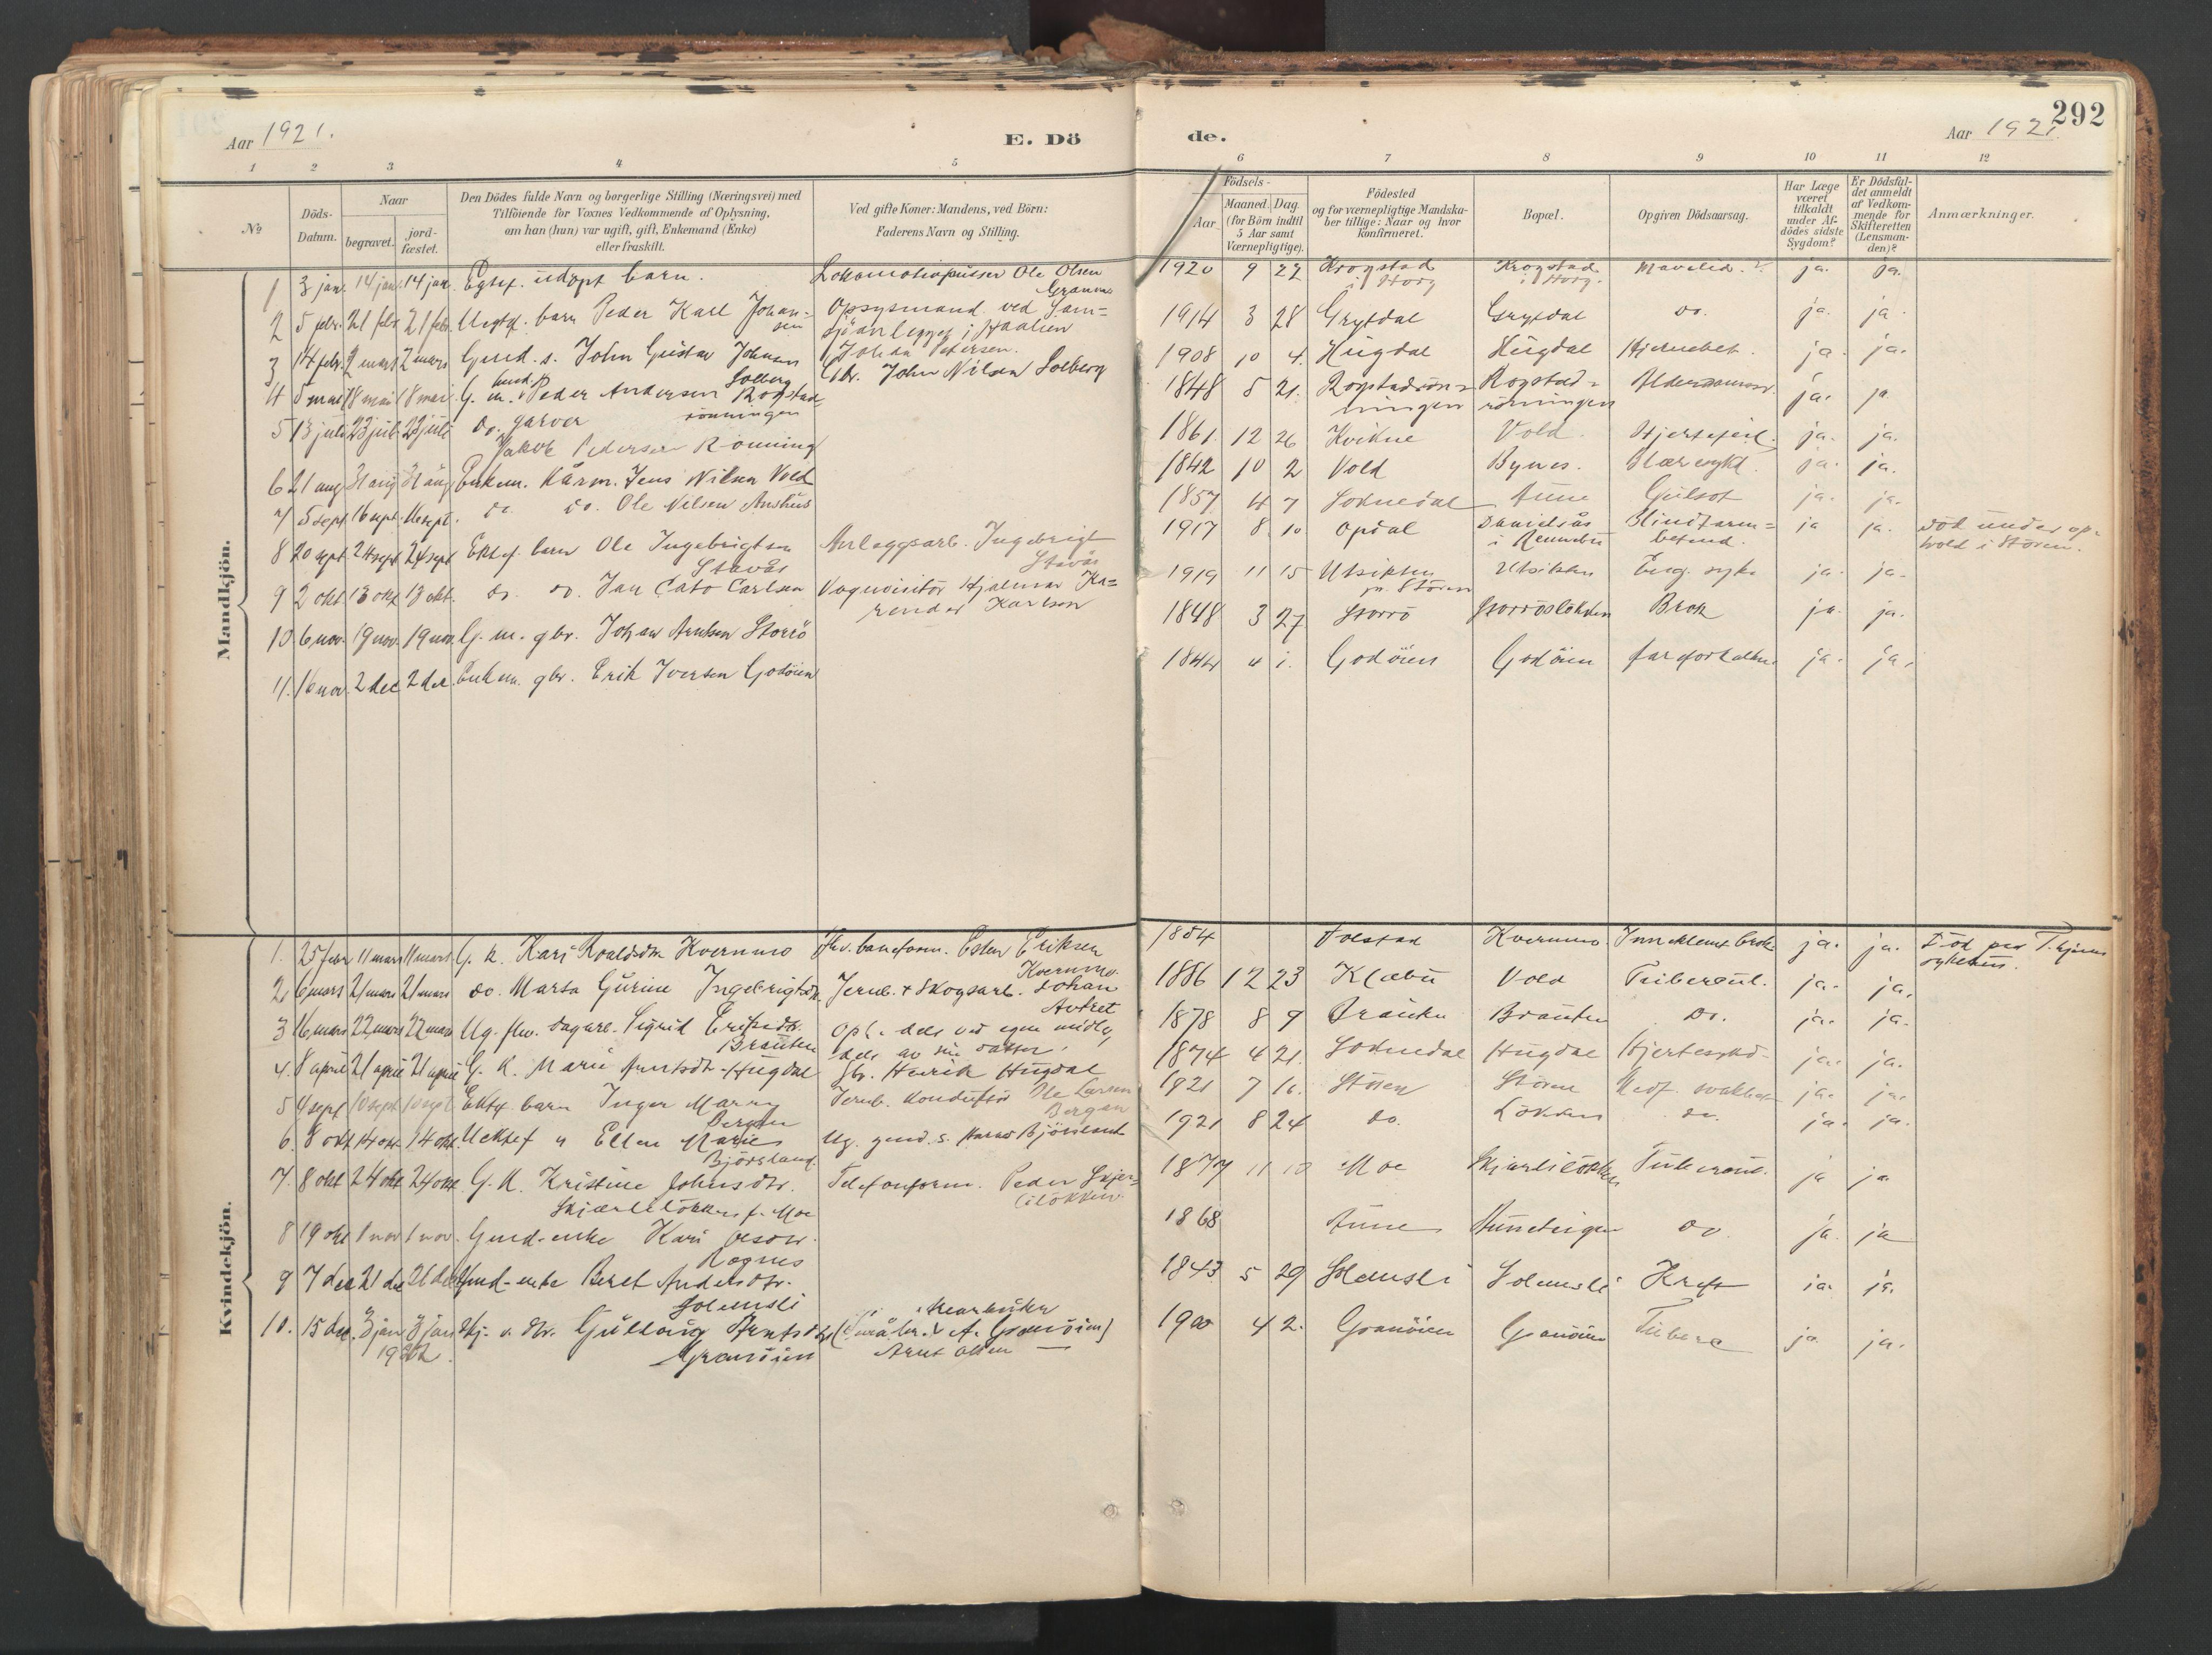 SAT, Ministerialprotokoller, klokkerbøker og fødselsregistre - Sør-Trøndelag, 687/L1004: Ministerialbok nr. 687A10, 1891-1923, s. 292